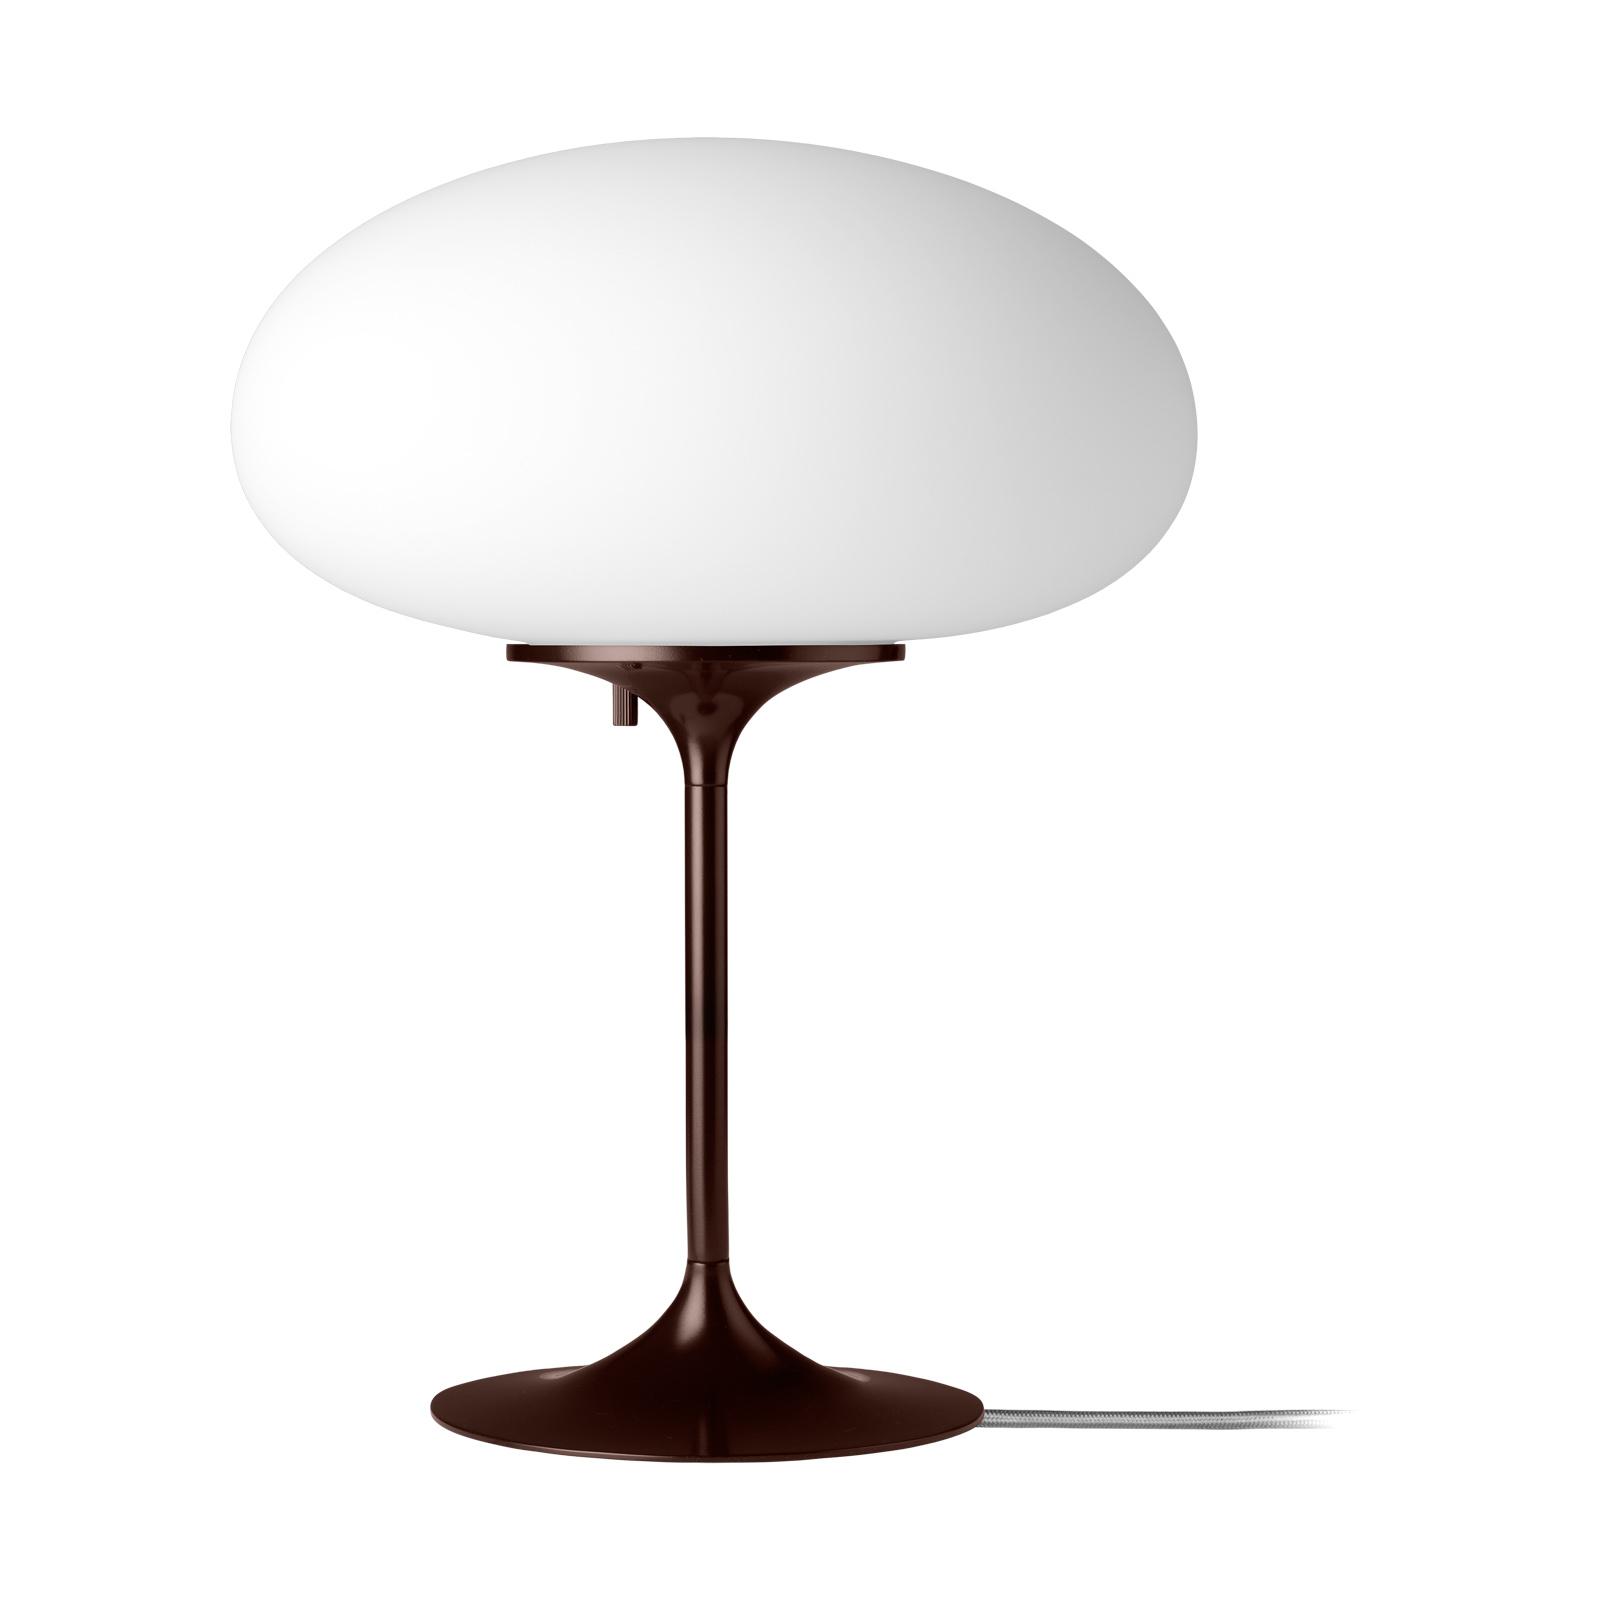 GUBI Stemlite Tischleuchte, schwarz-rot, 42 cm